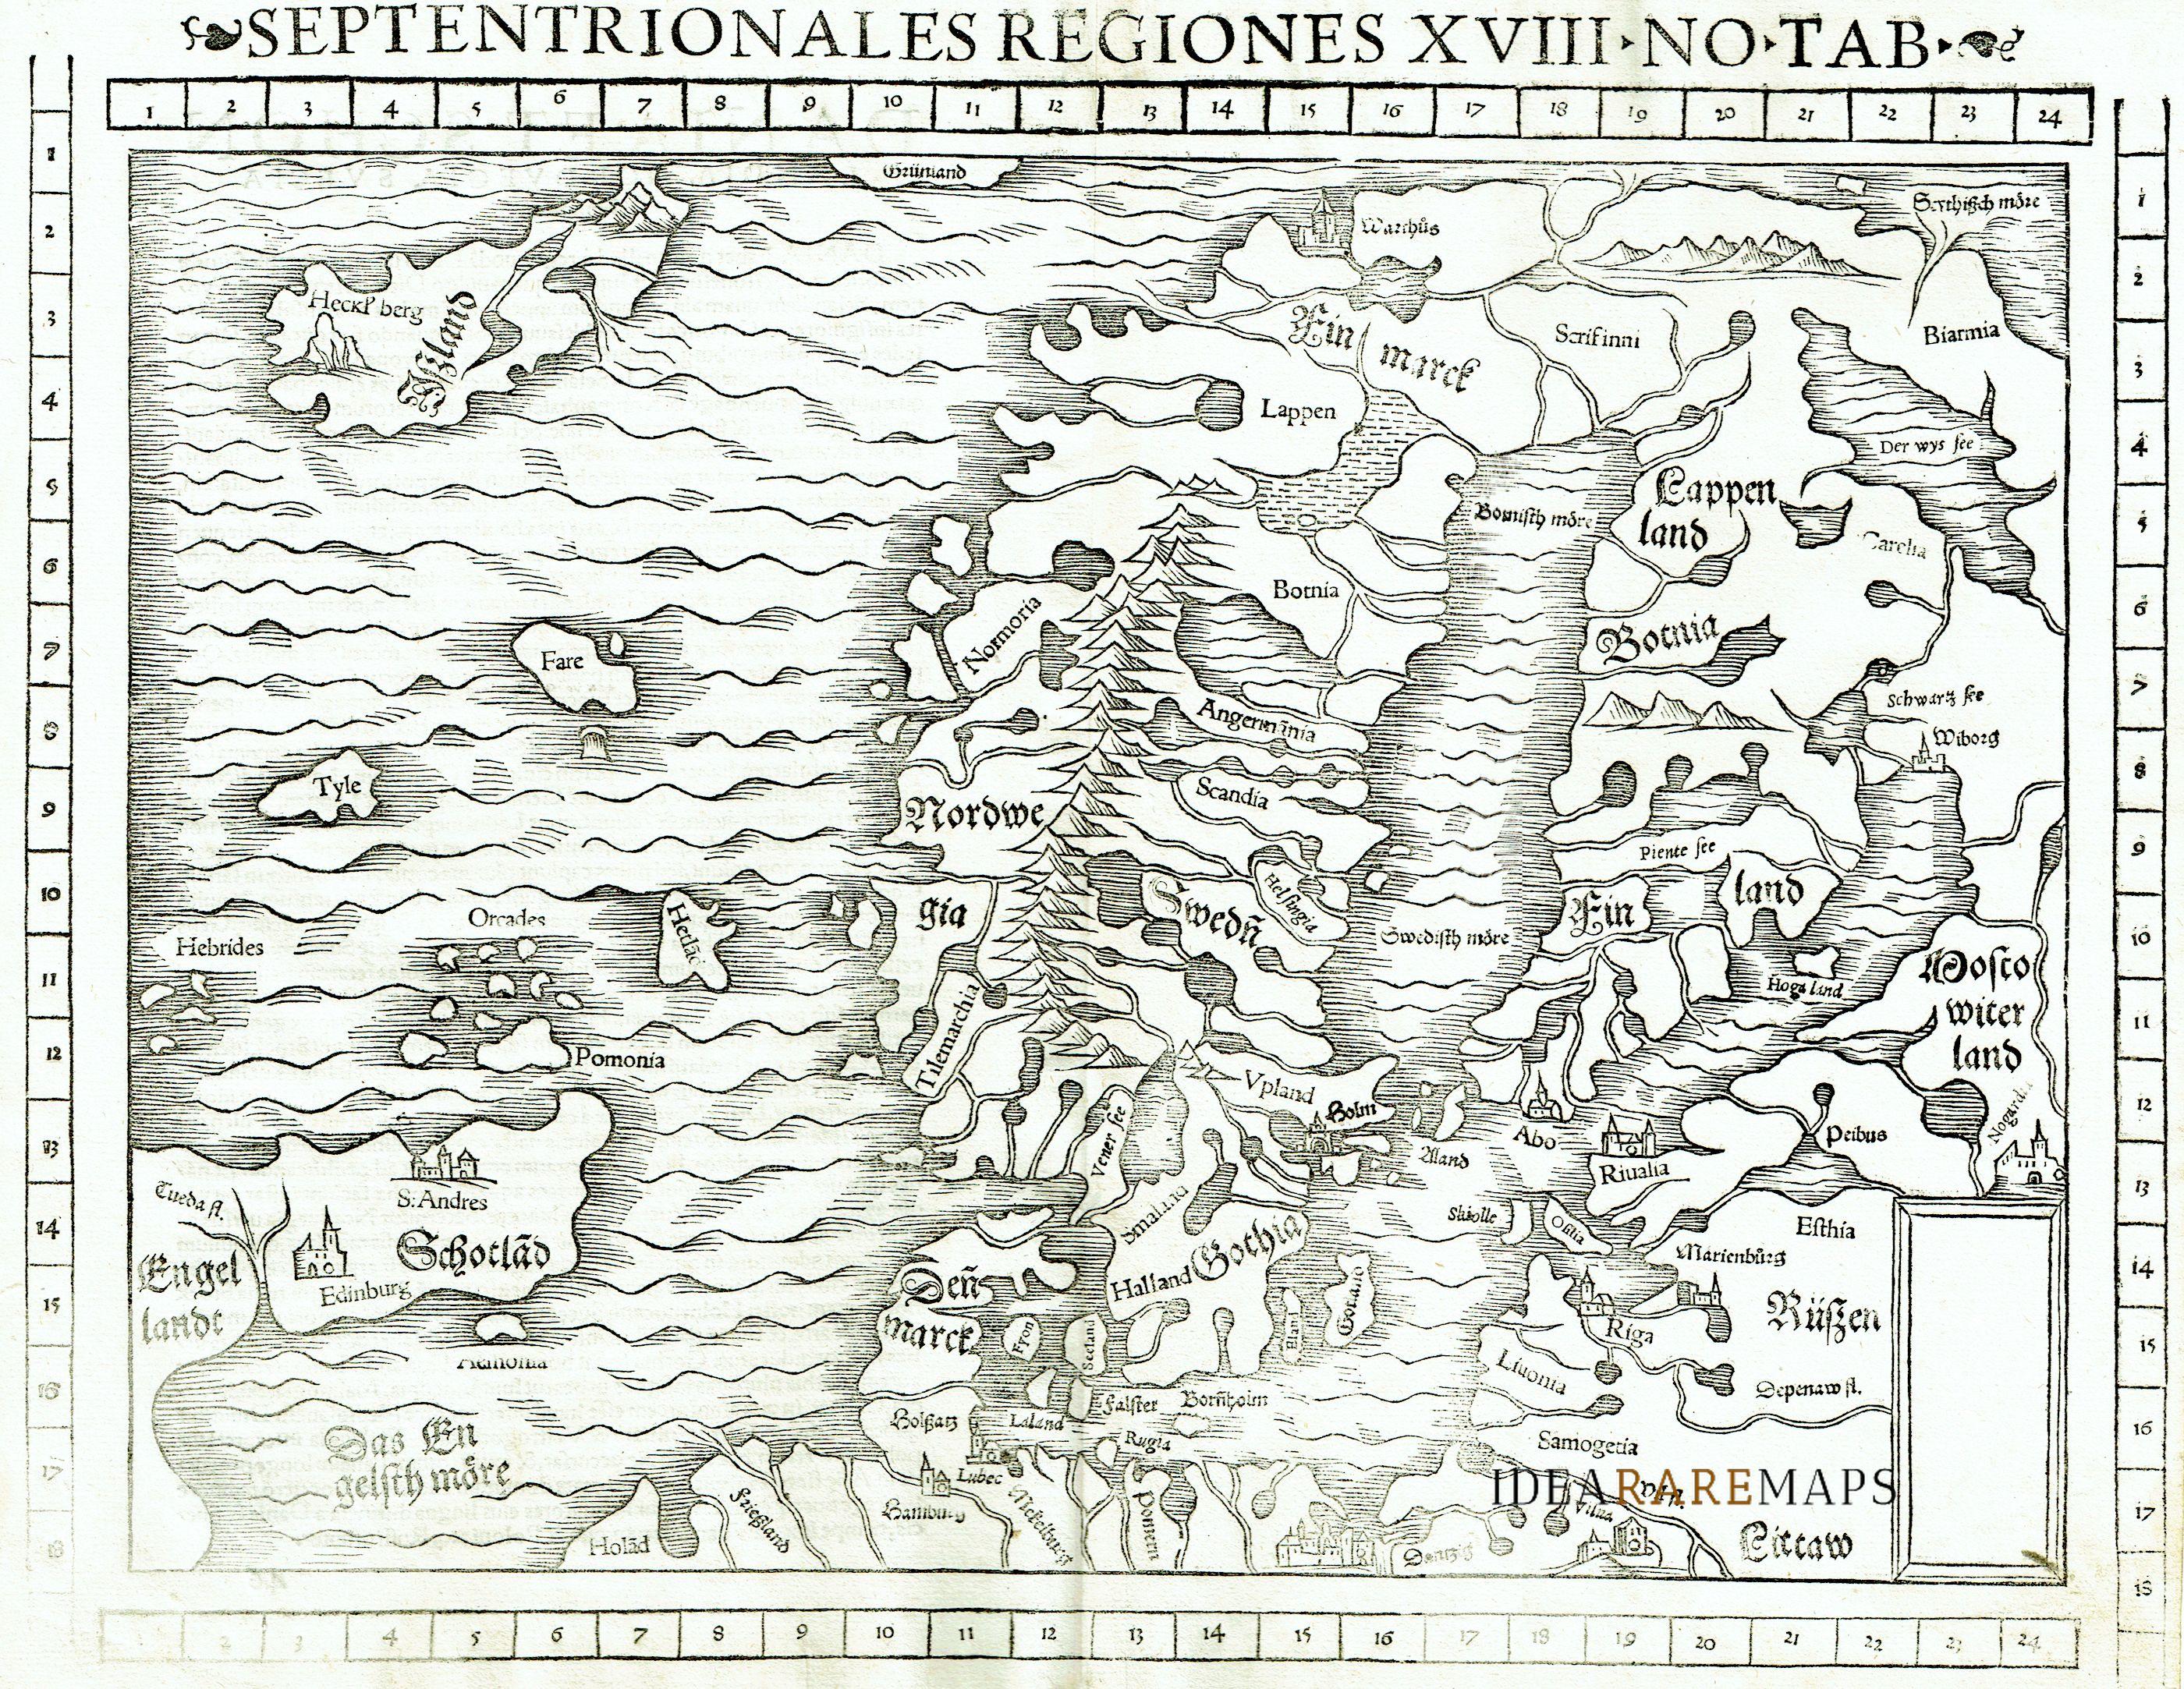 regiones septentrionales